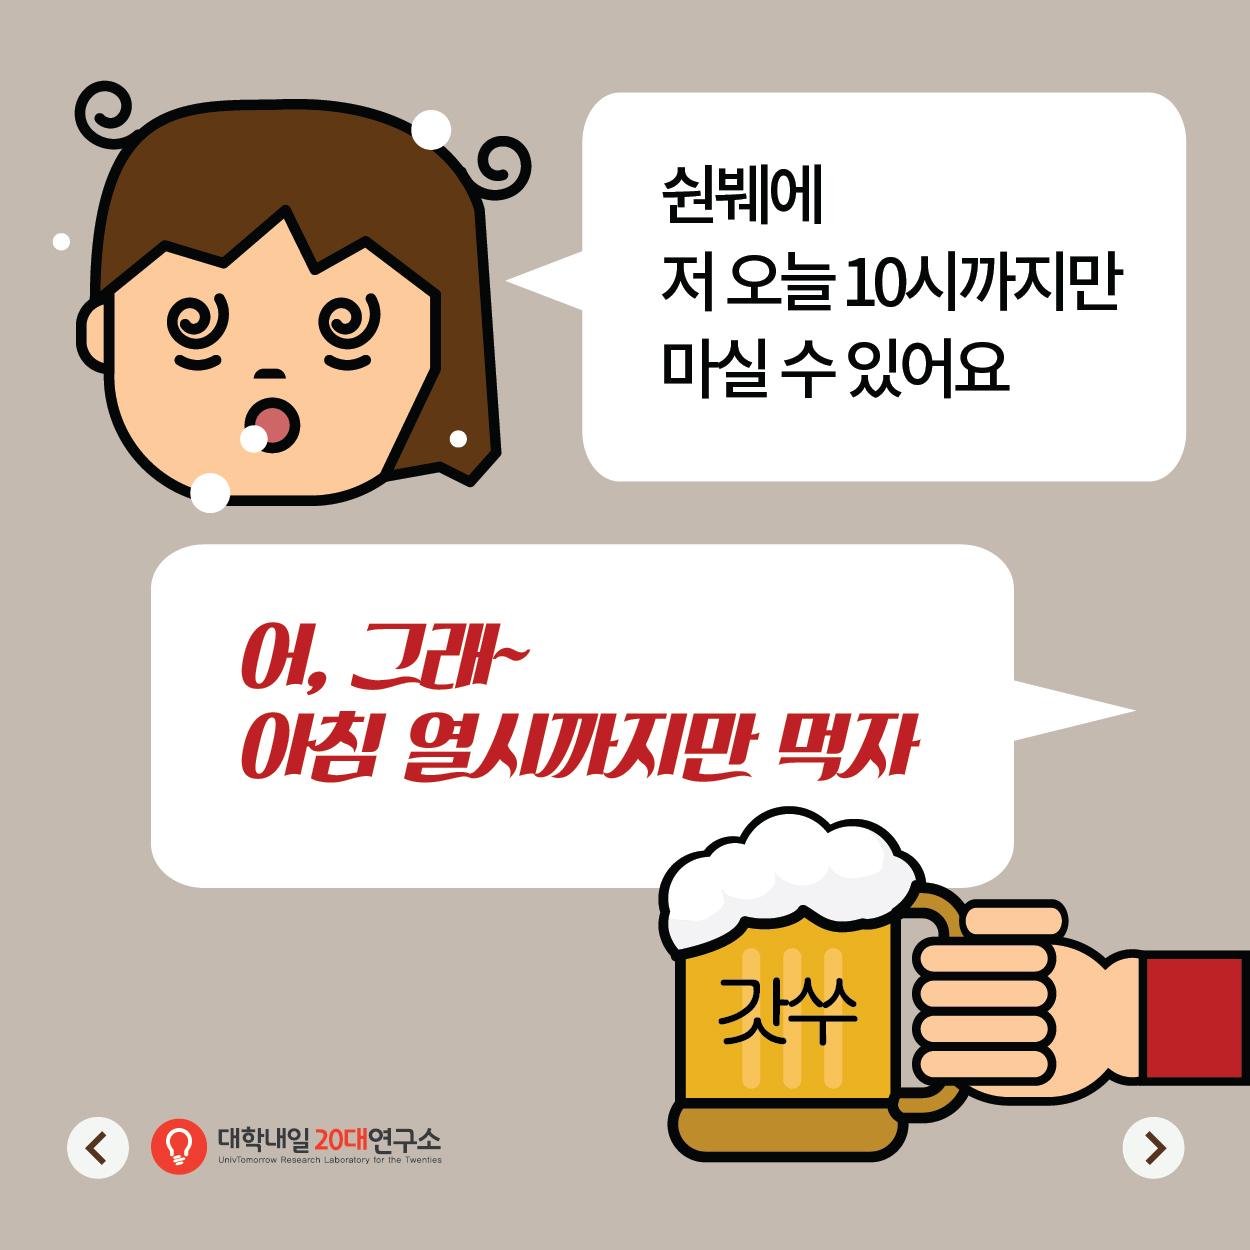 술자리조심-02